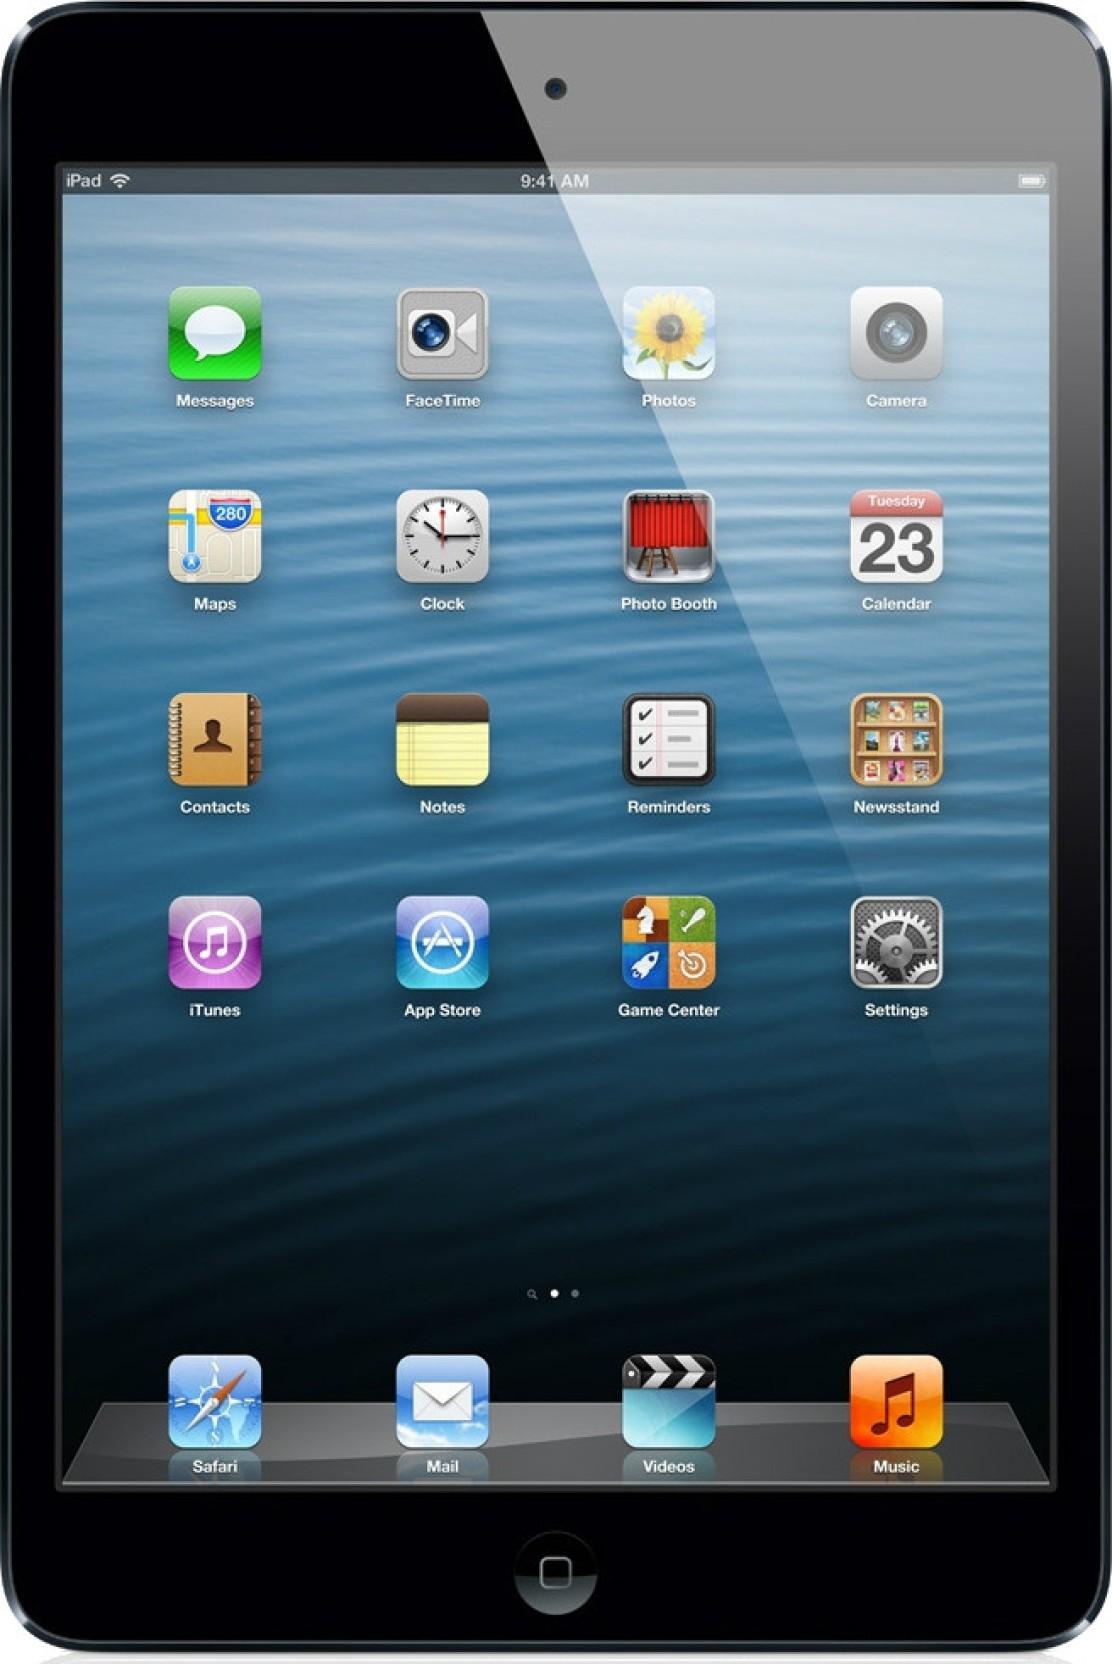 Apple Ipad Mini 16 Gb 79 Inch With Wi Fi 3g Wifi 16gb Black Home